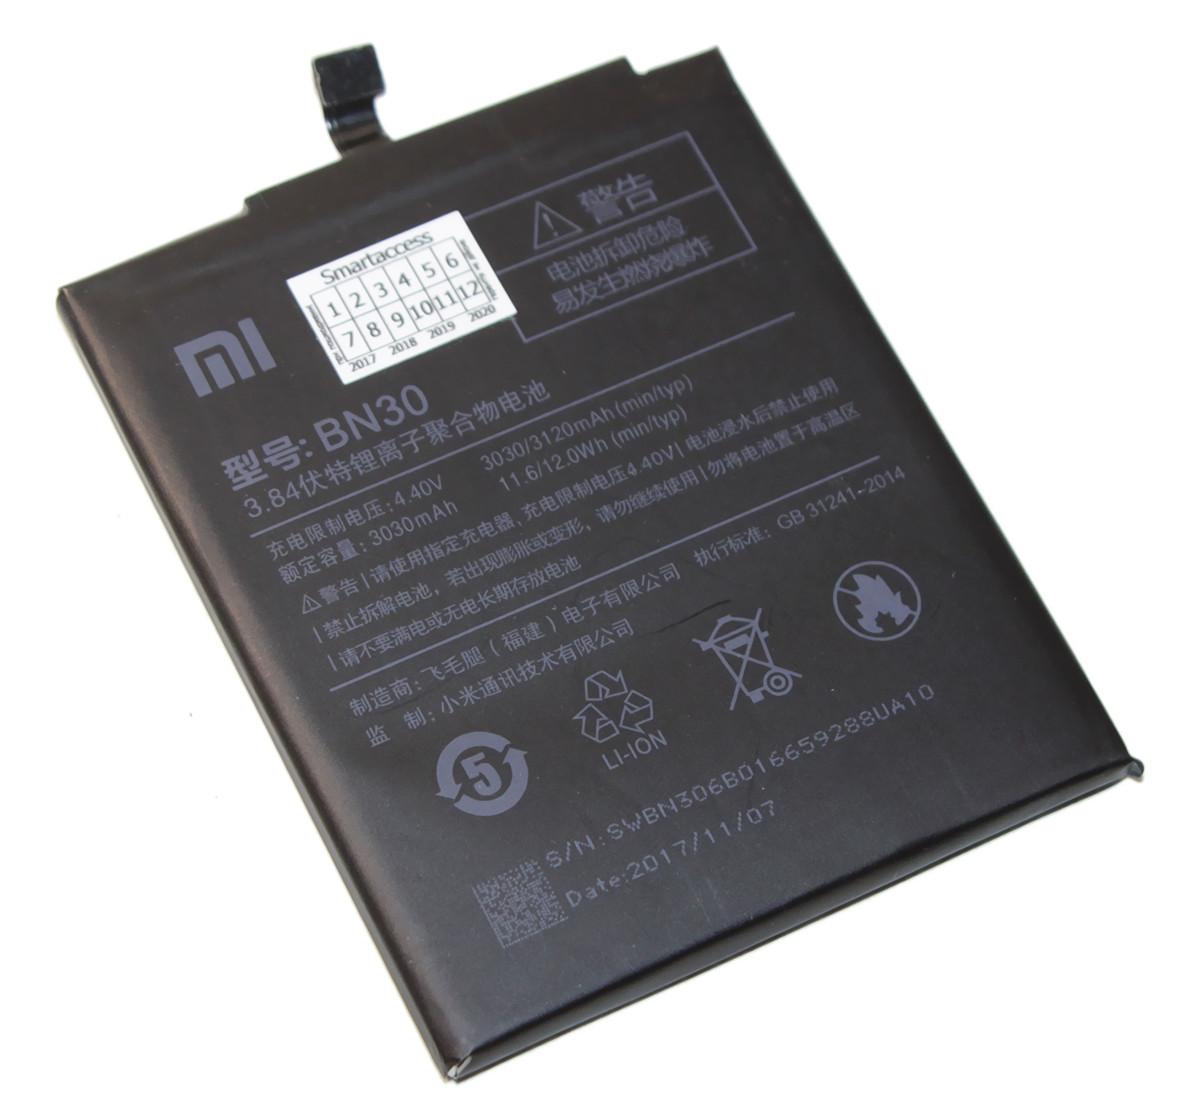 Аккумулятор Xiaomi BN30 (Redmi 4A), 3030mAh батарея Сяоми Ксиоми Редми 4А